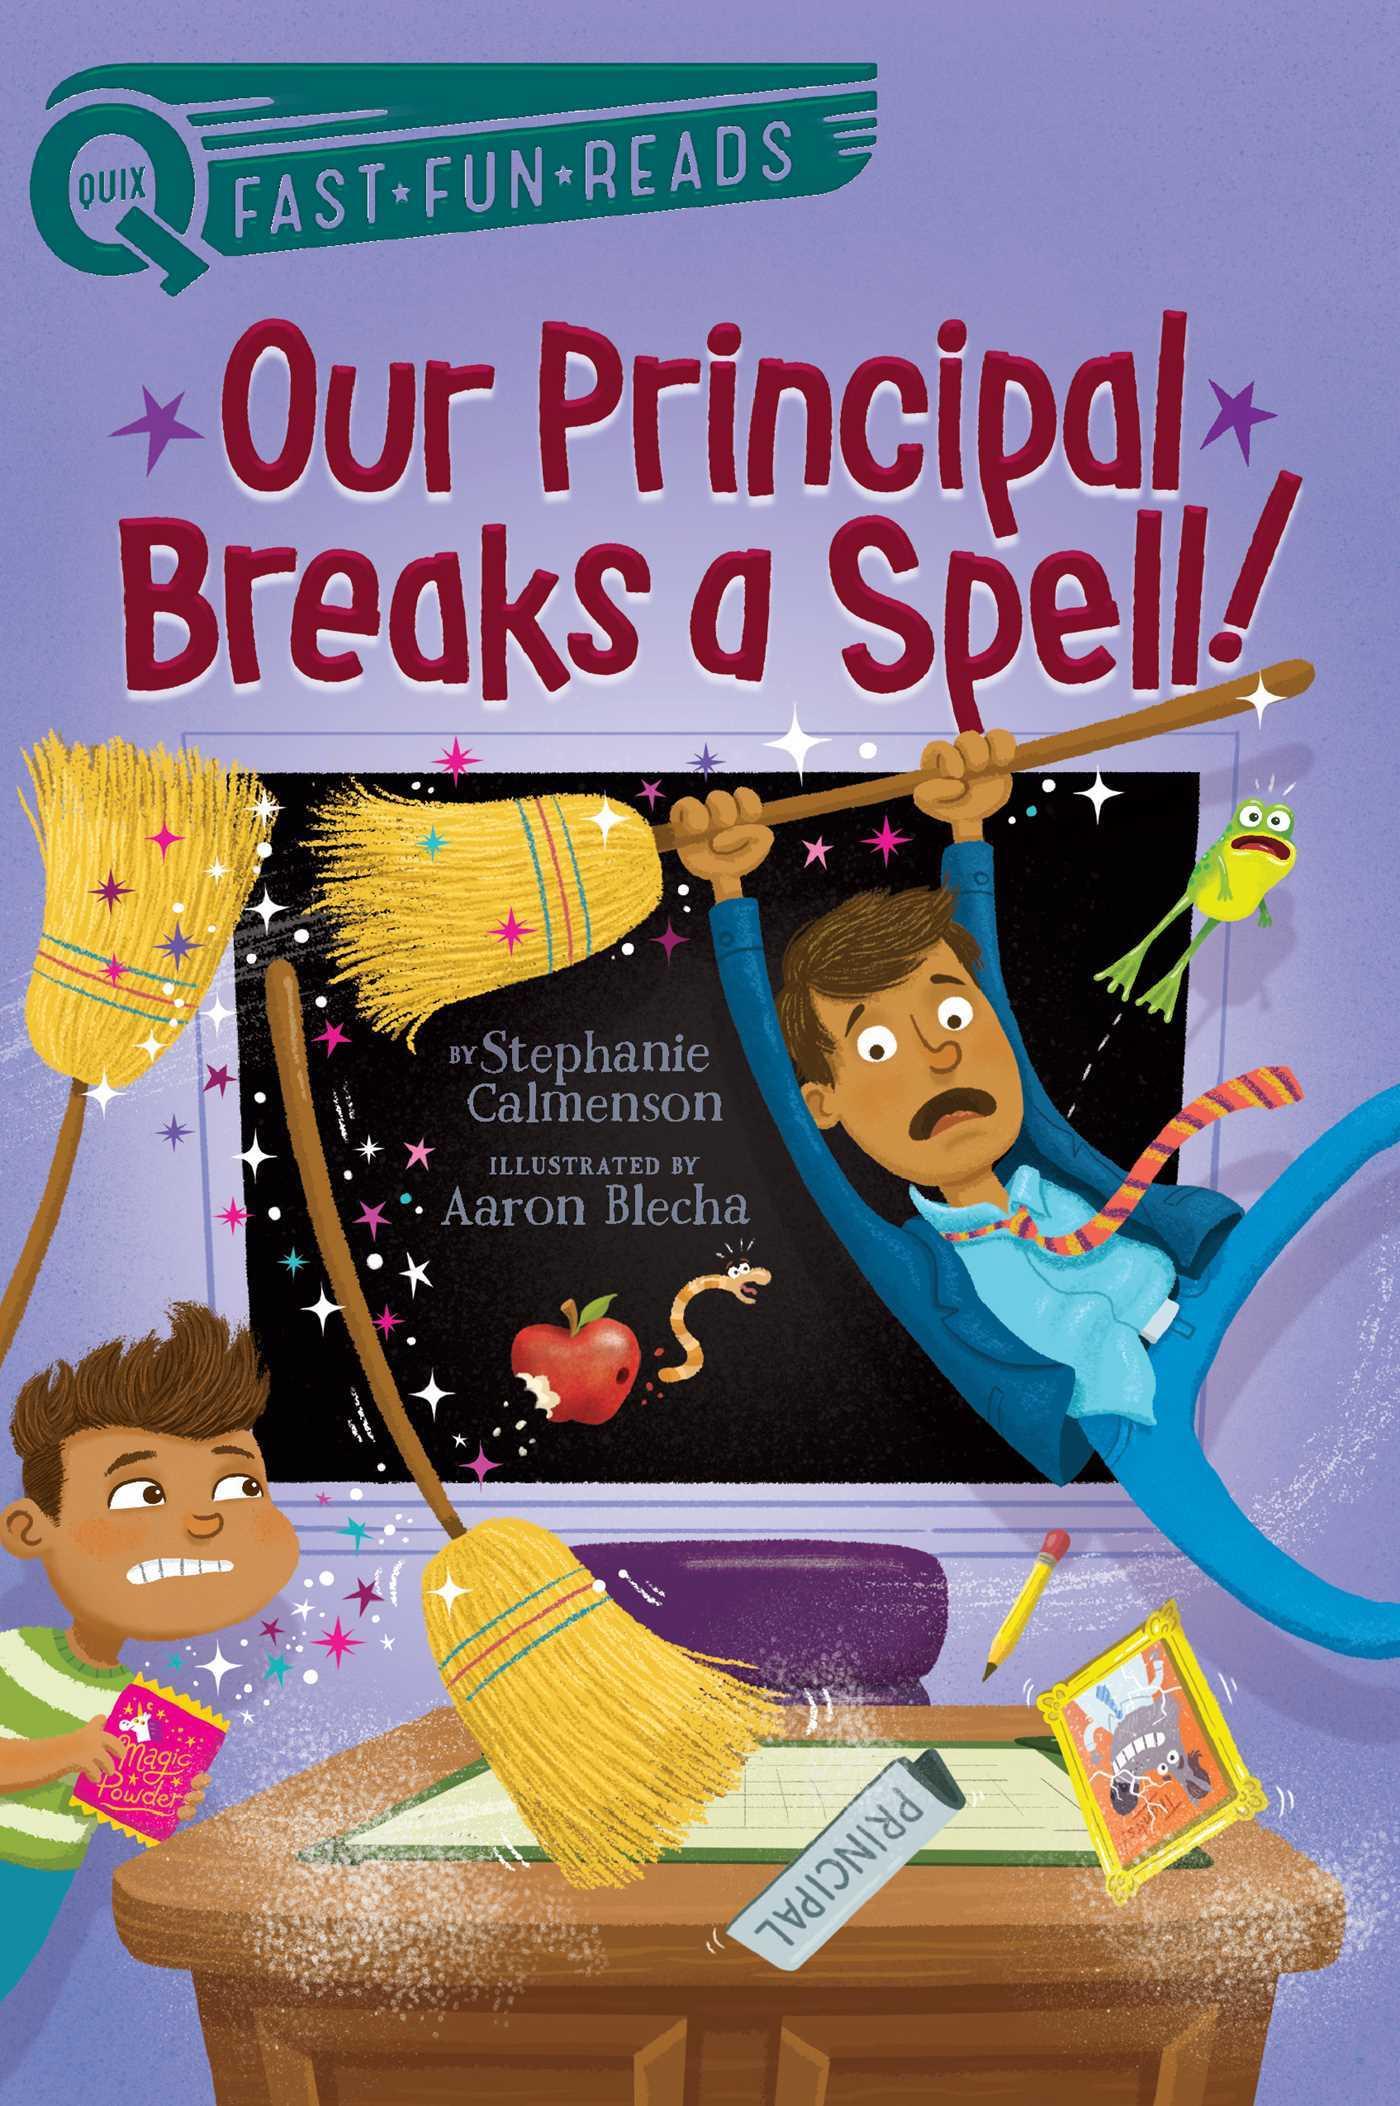 Our Principal Breaks a Spell! by Stephanie Calmenson